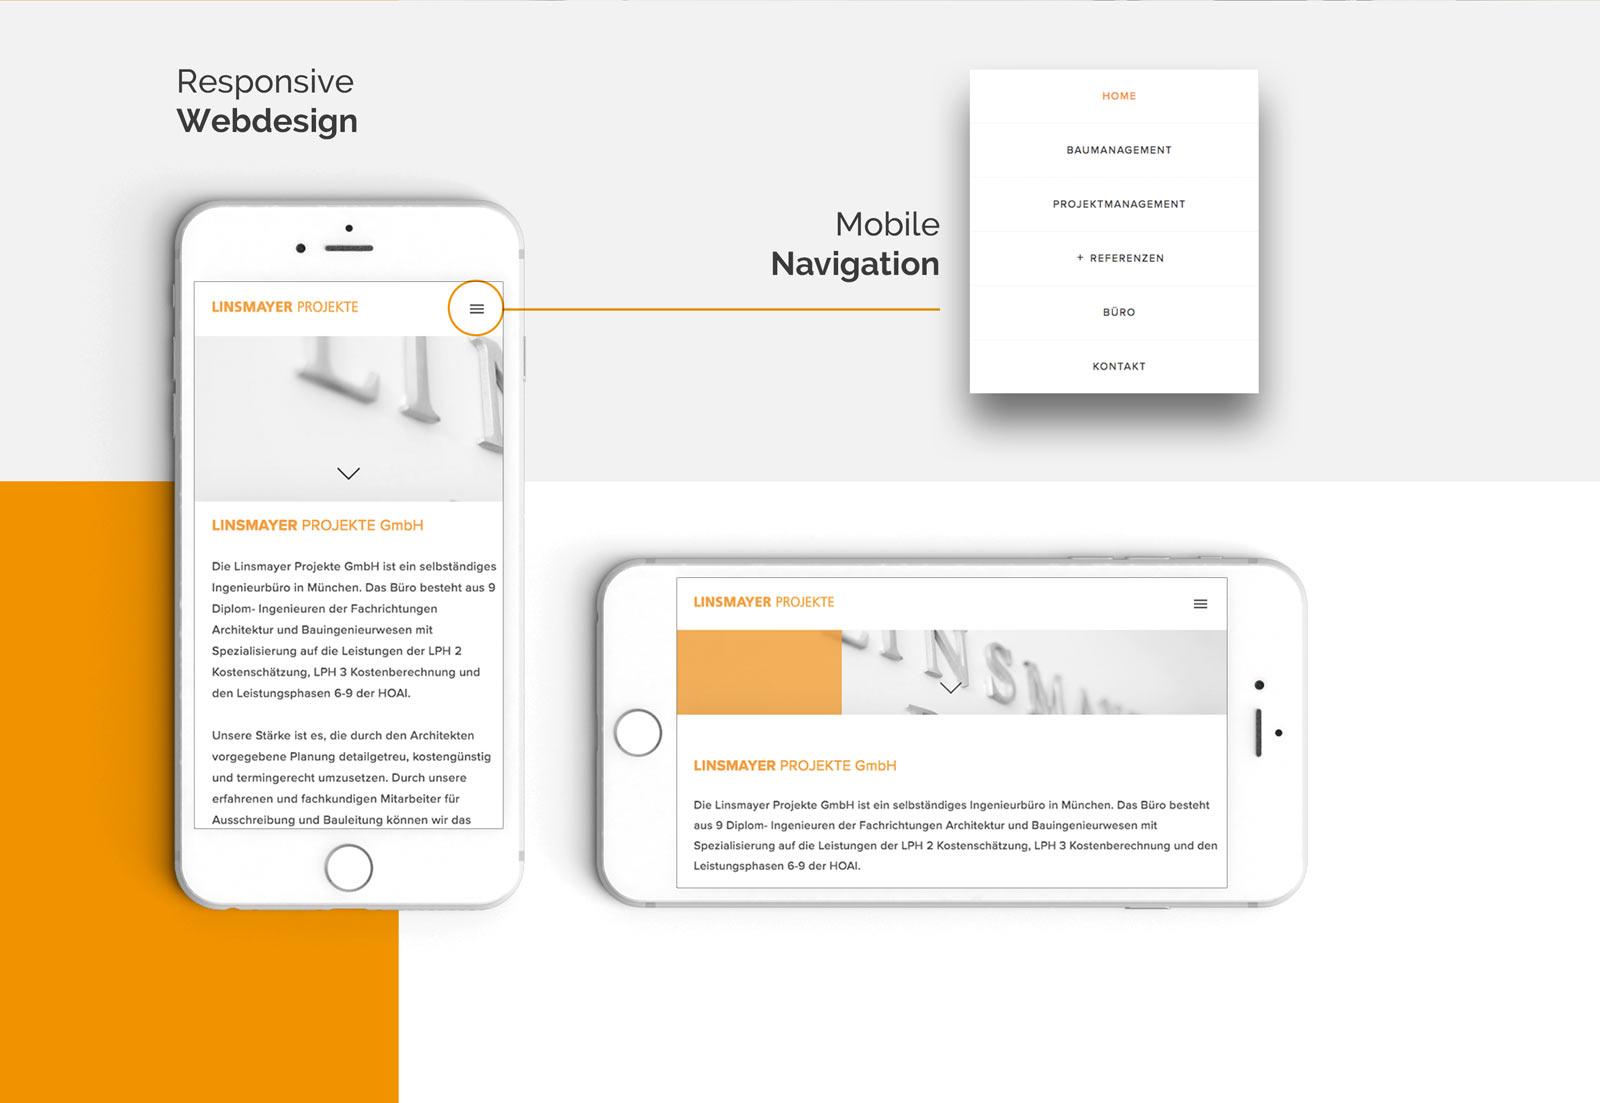 Linsmayer_Responsive_Webdesign_02.jpg